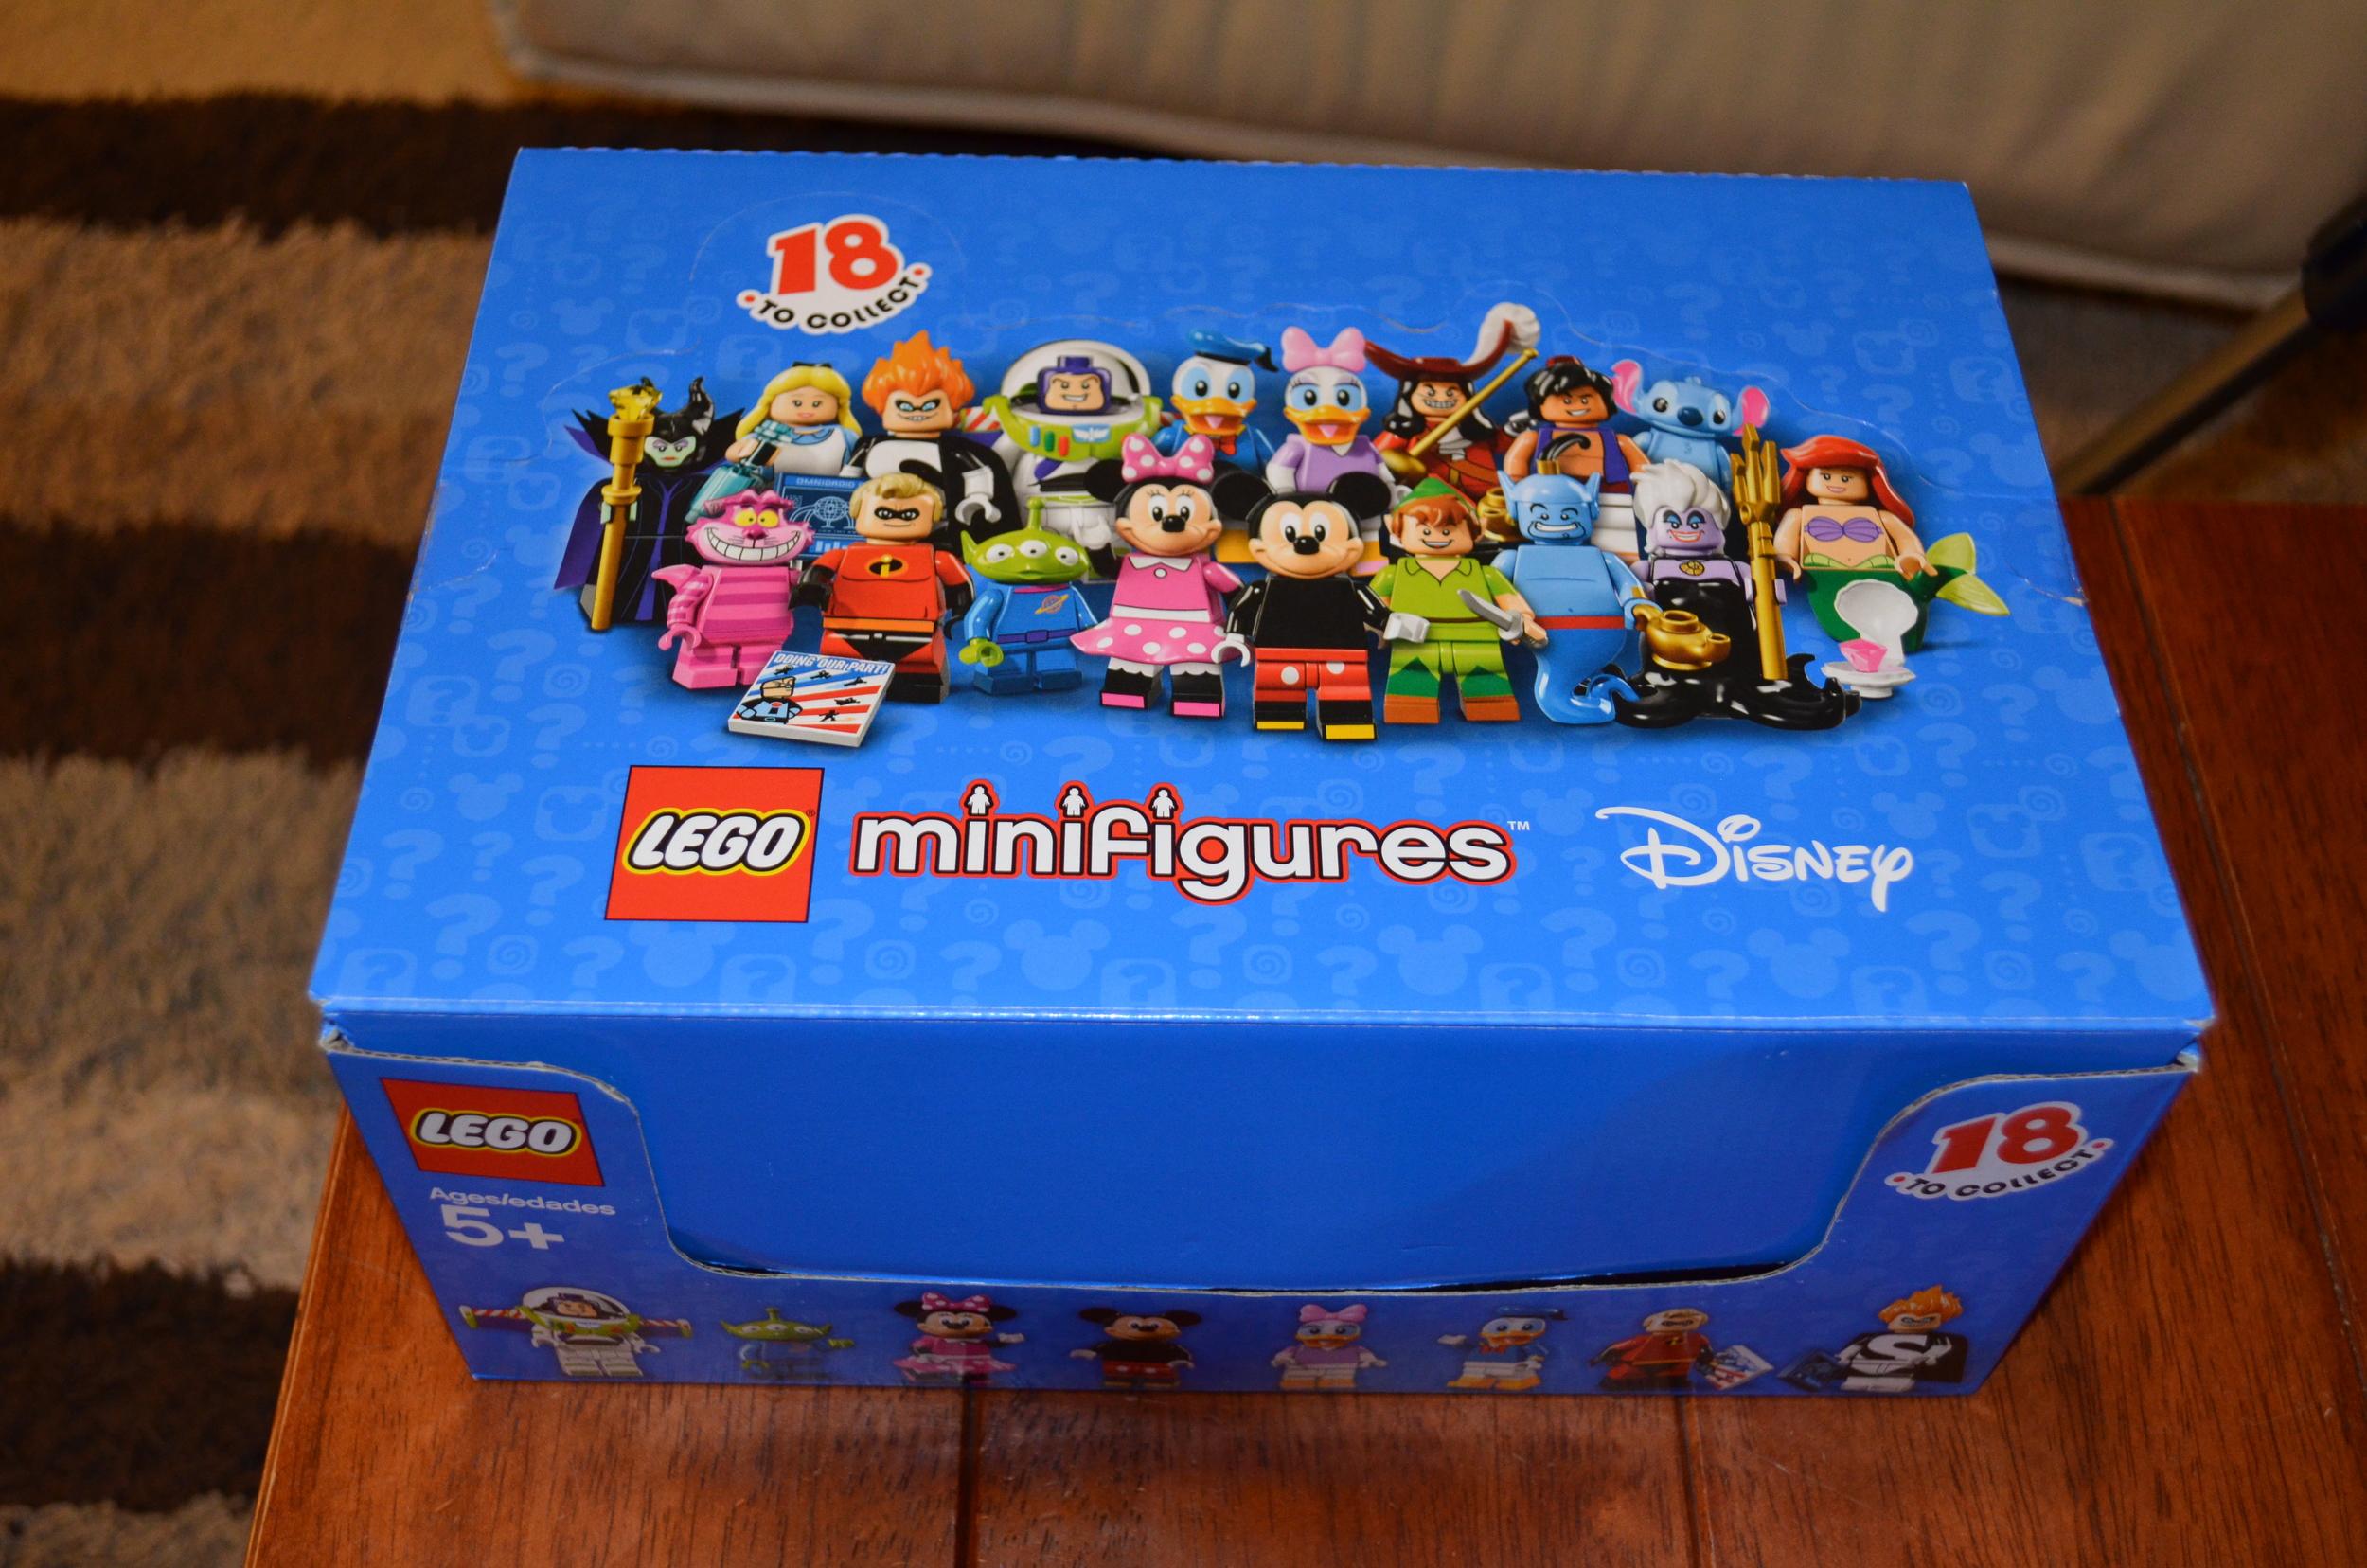 Lego-Minifigures-Disney-Box-Top.jpeg